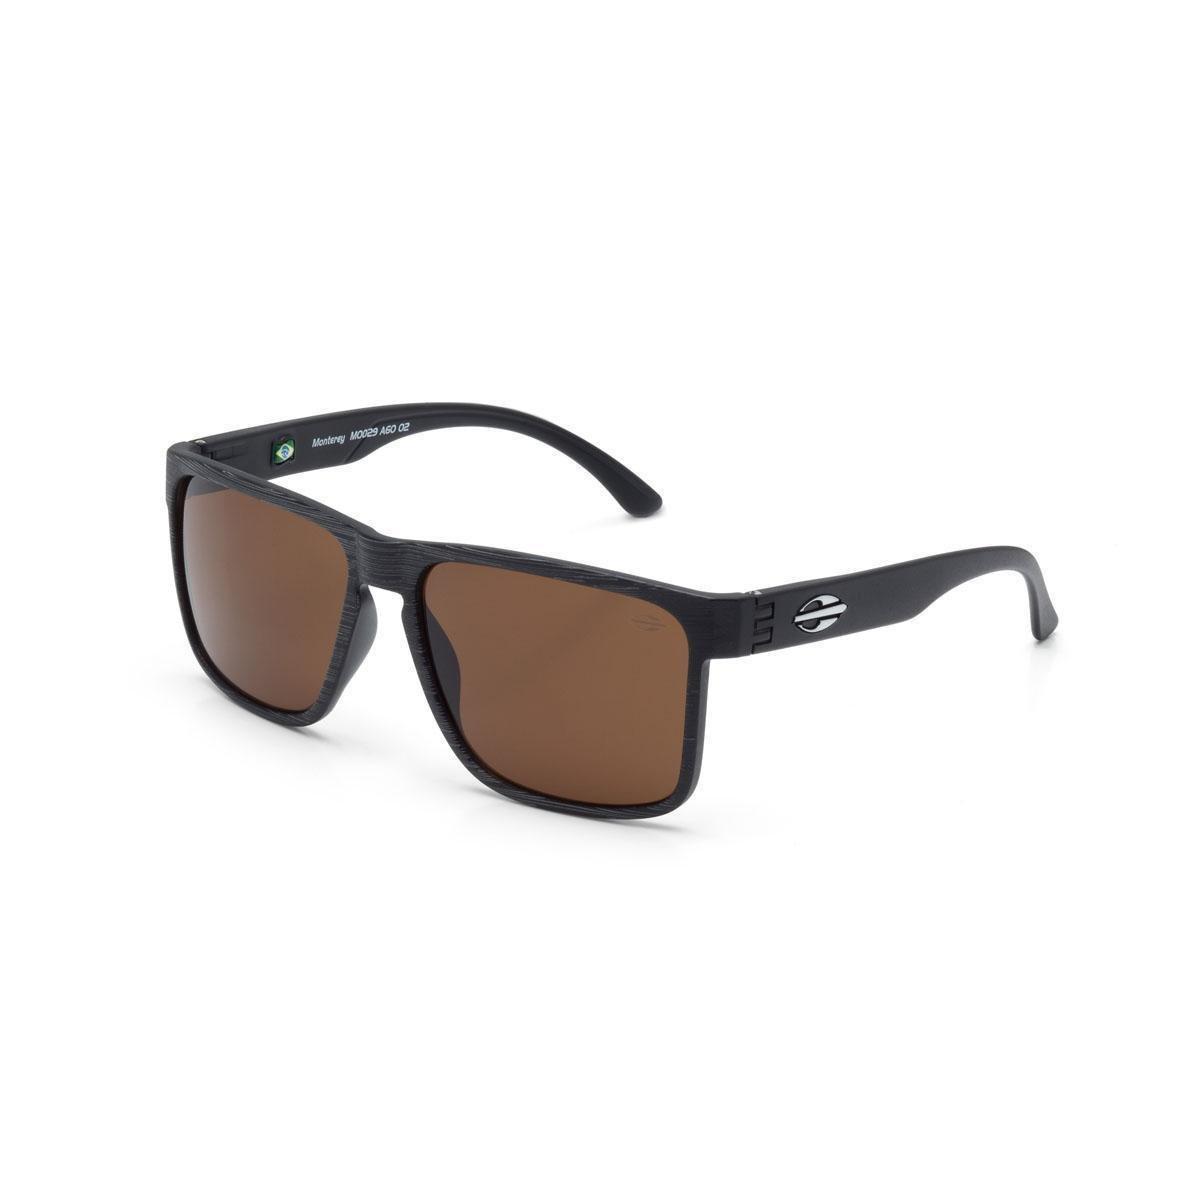 Oculos Sol Mormaii Monterey - Preto e Marrom - Compre Agora   Zattini e5b5ccf0e4